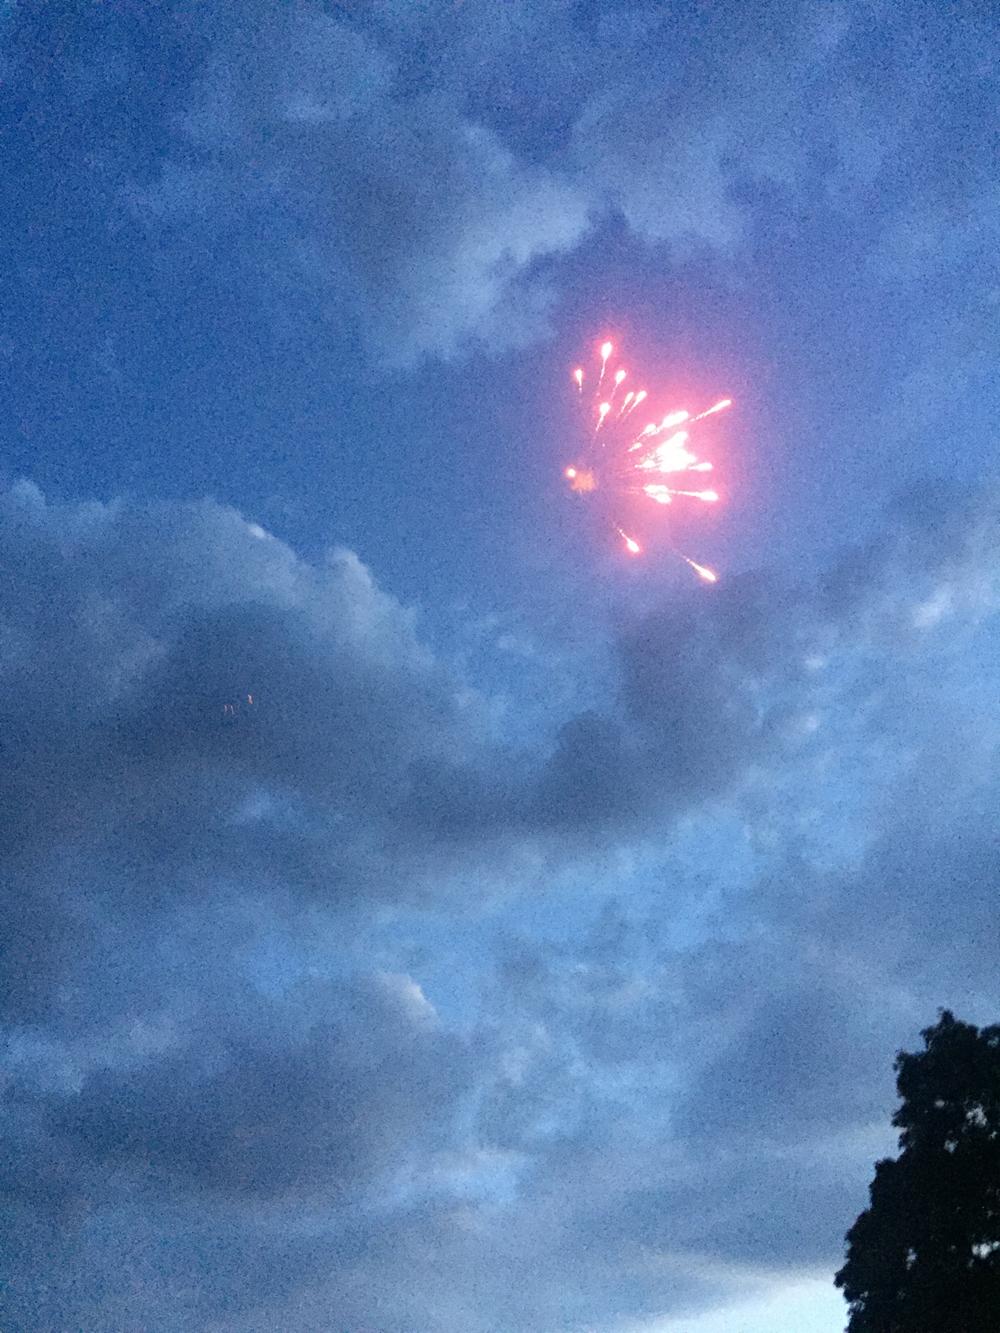 Fête National Val-de-Travers au Parc Girardier le feu d'artifice